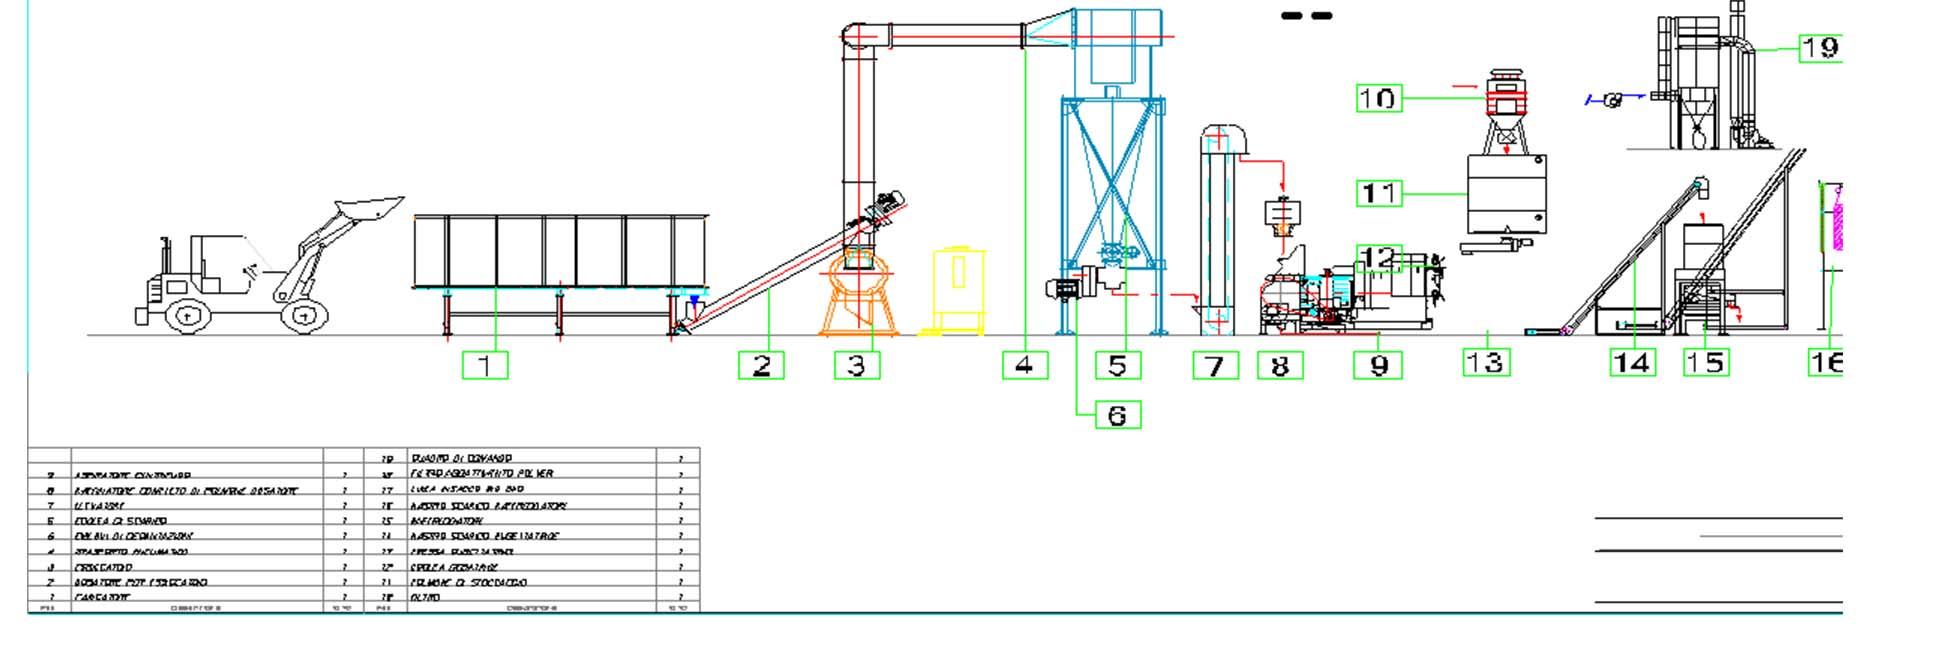 Akademia2003 tecnologie per la produzione del pellet for Progettazione del layout del garage